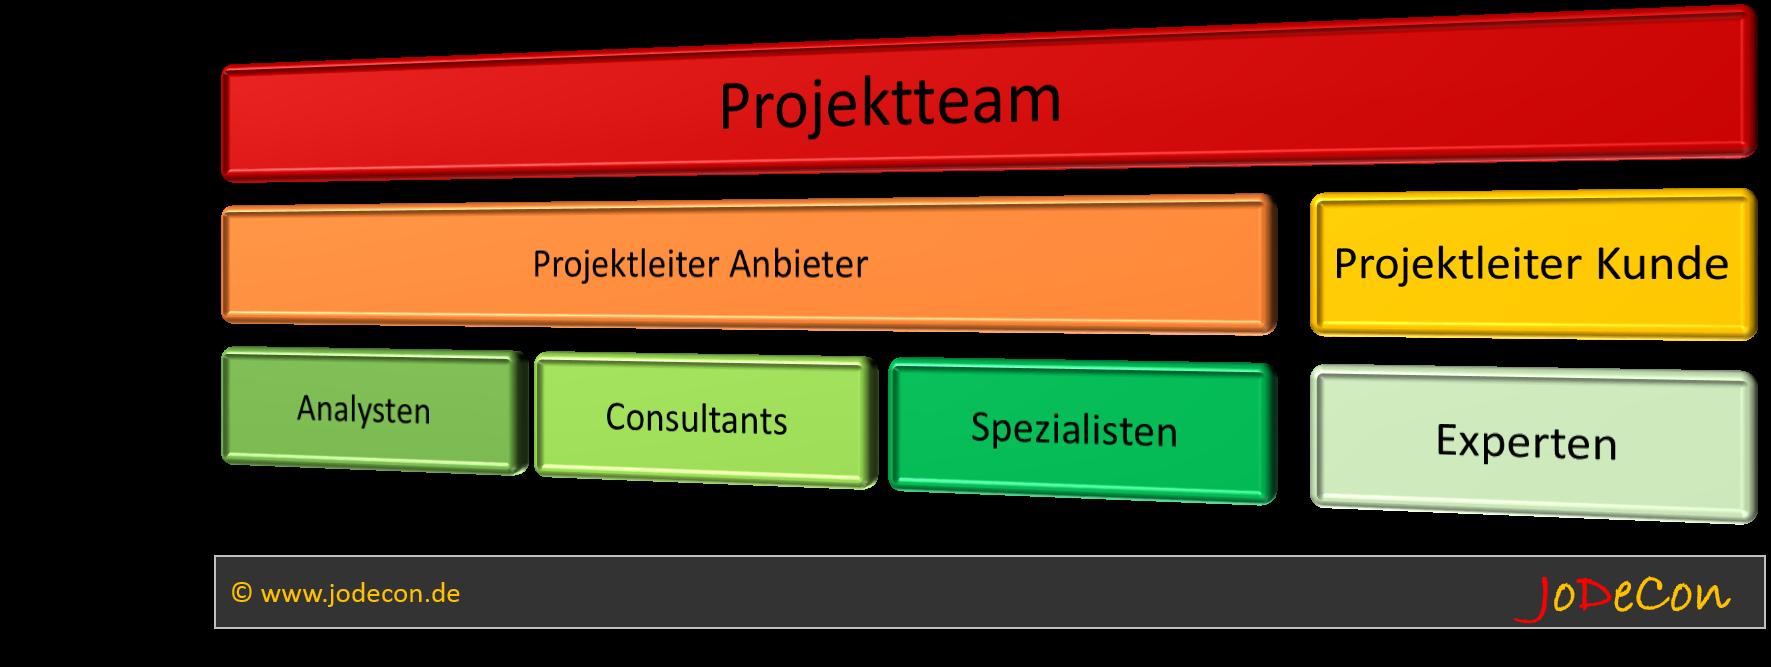 Möglicher Aufbau eines Projektteams